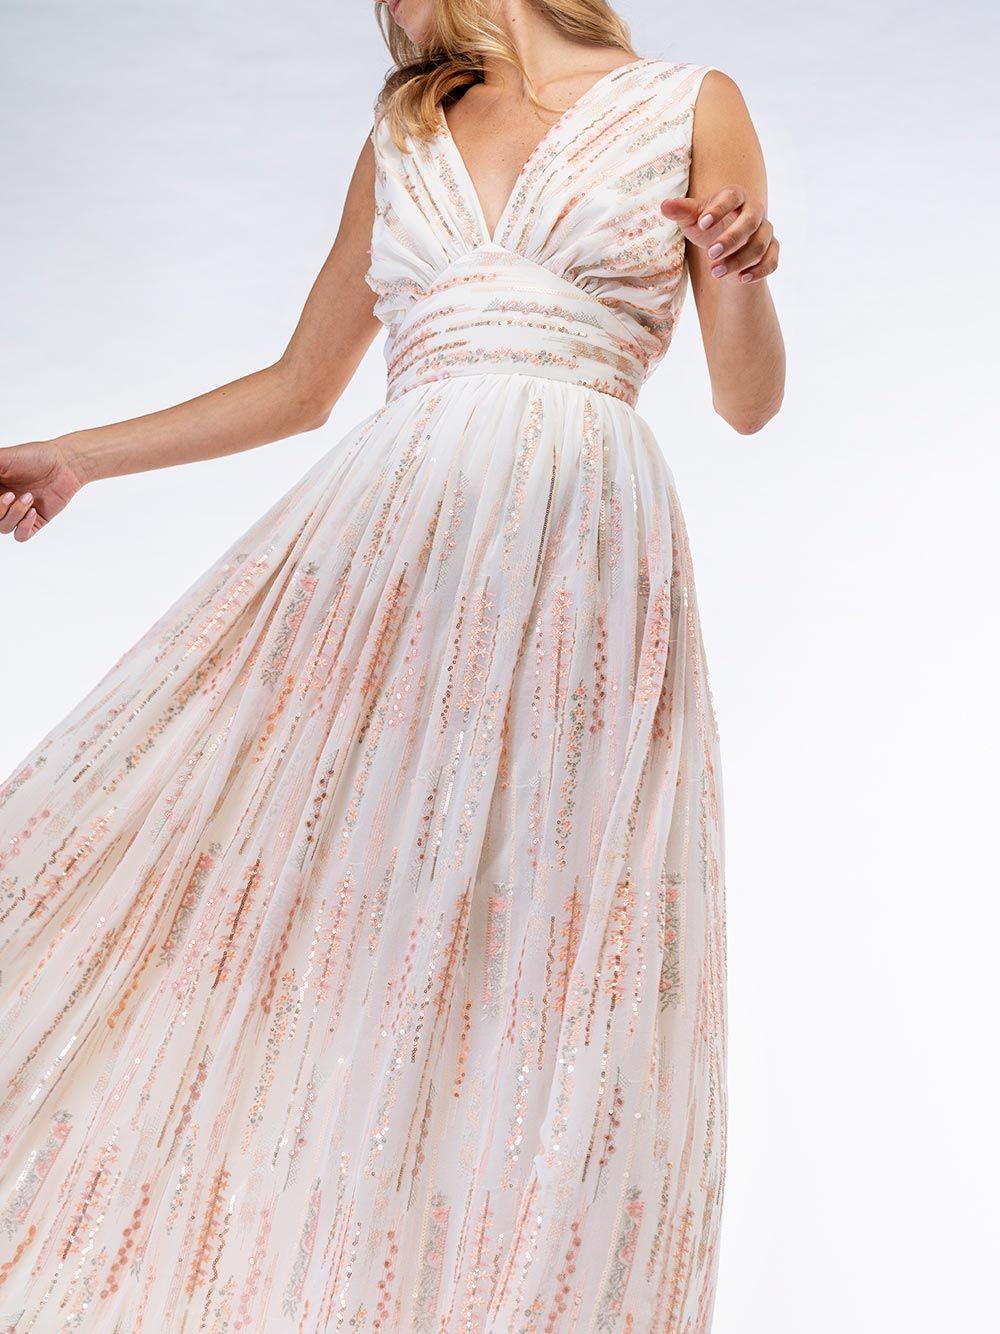 Vestido Rosa Detalhe Metalizado   Kaoâ